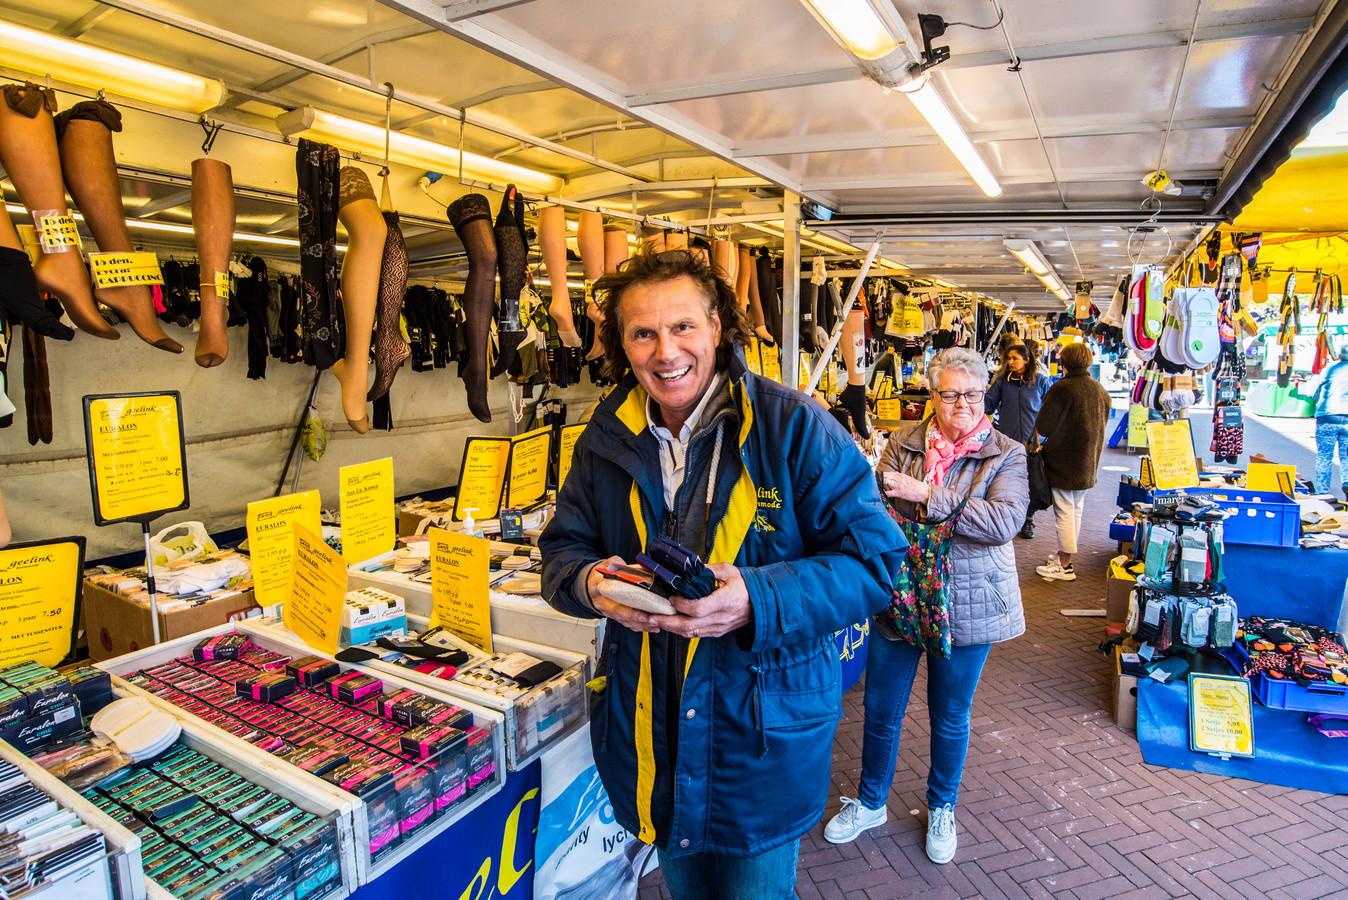 Ben Geelink lacht omdat hij eindelijk weer zijn sokken en panty's kan verkopen. Een enkele vaste klanten trakteert hij zelfs op bloemen.